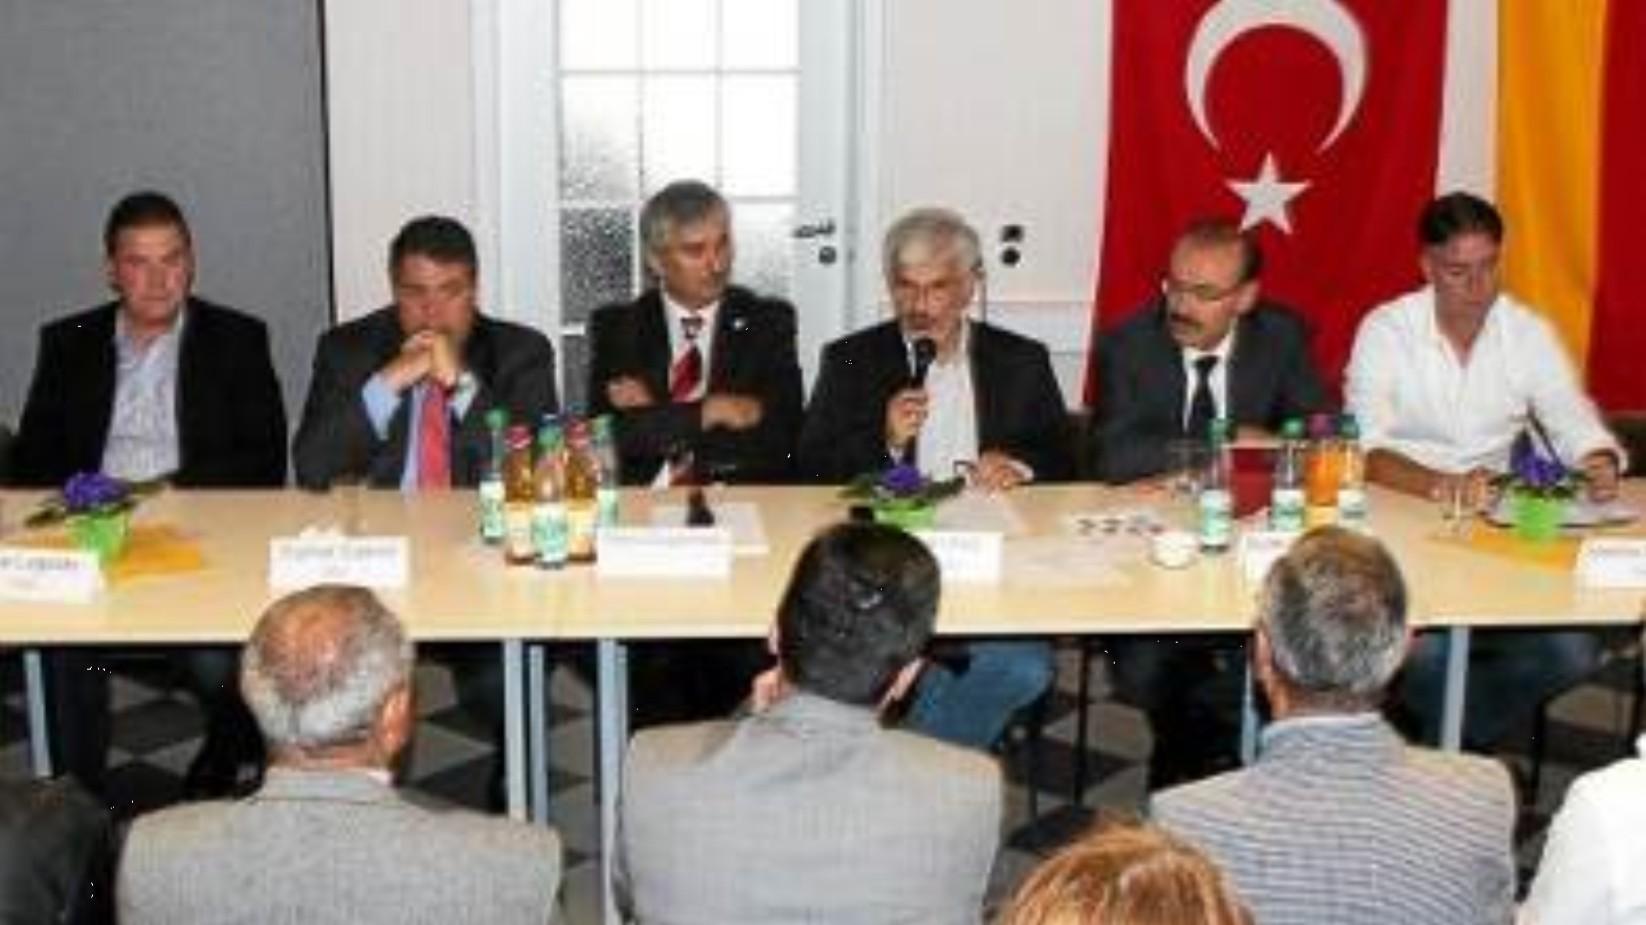 Firouz Vladi als Moderator bei einer Veranstaltung in Salzgitter mit Sigmar Gabriel